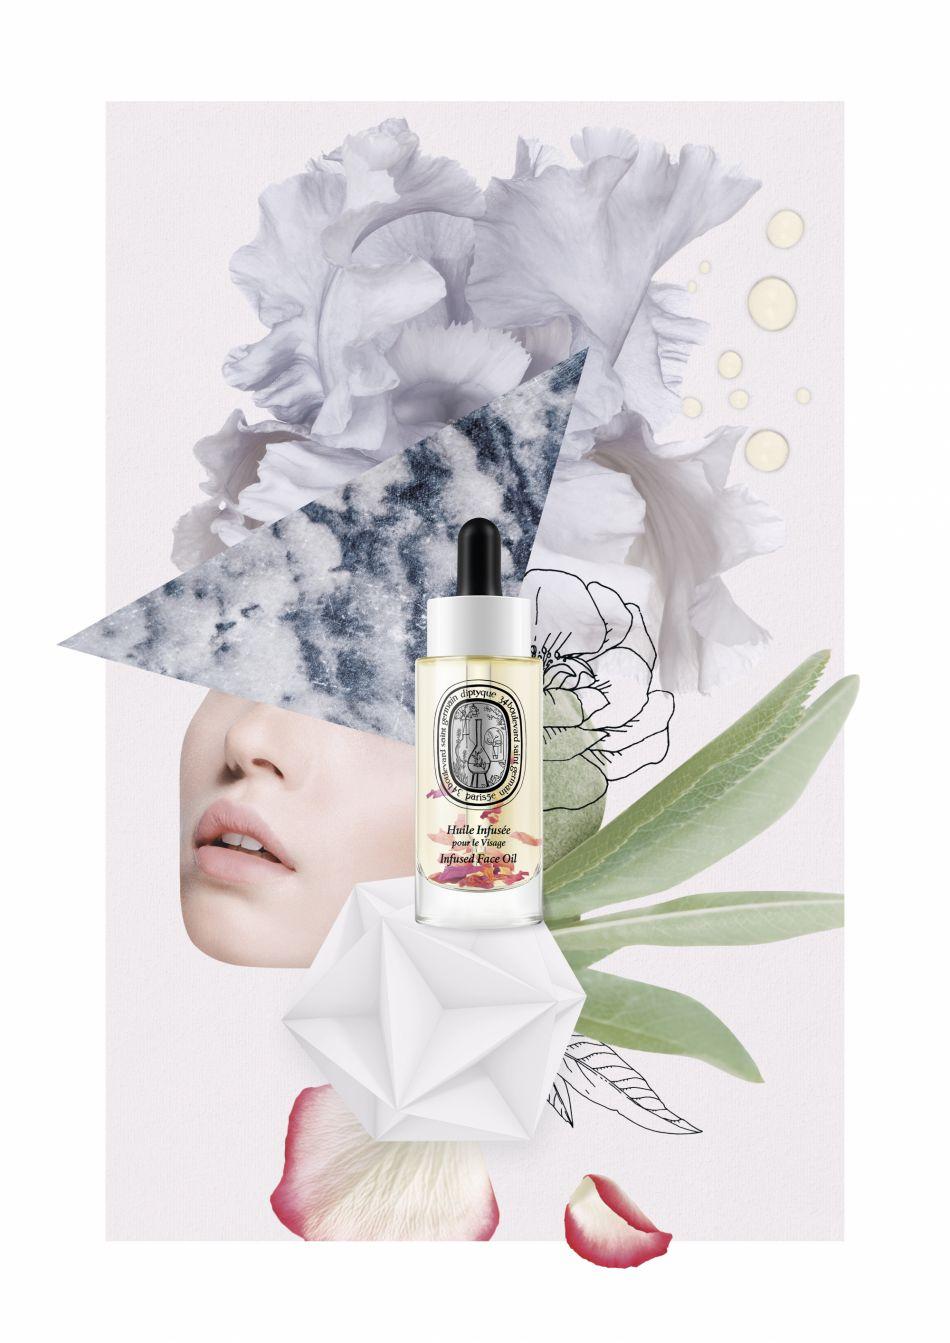 Avec L'Art du Soin chapitre 2, Diptyque enrichit sa gamme de cosmétiques.